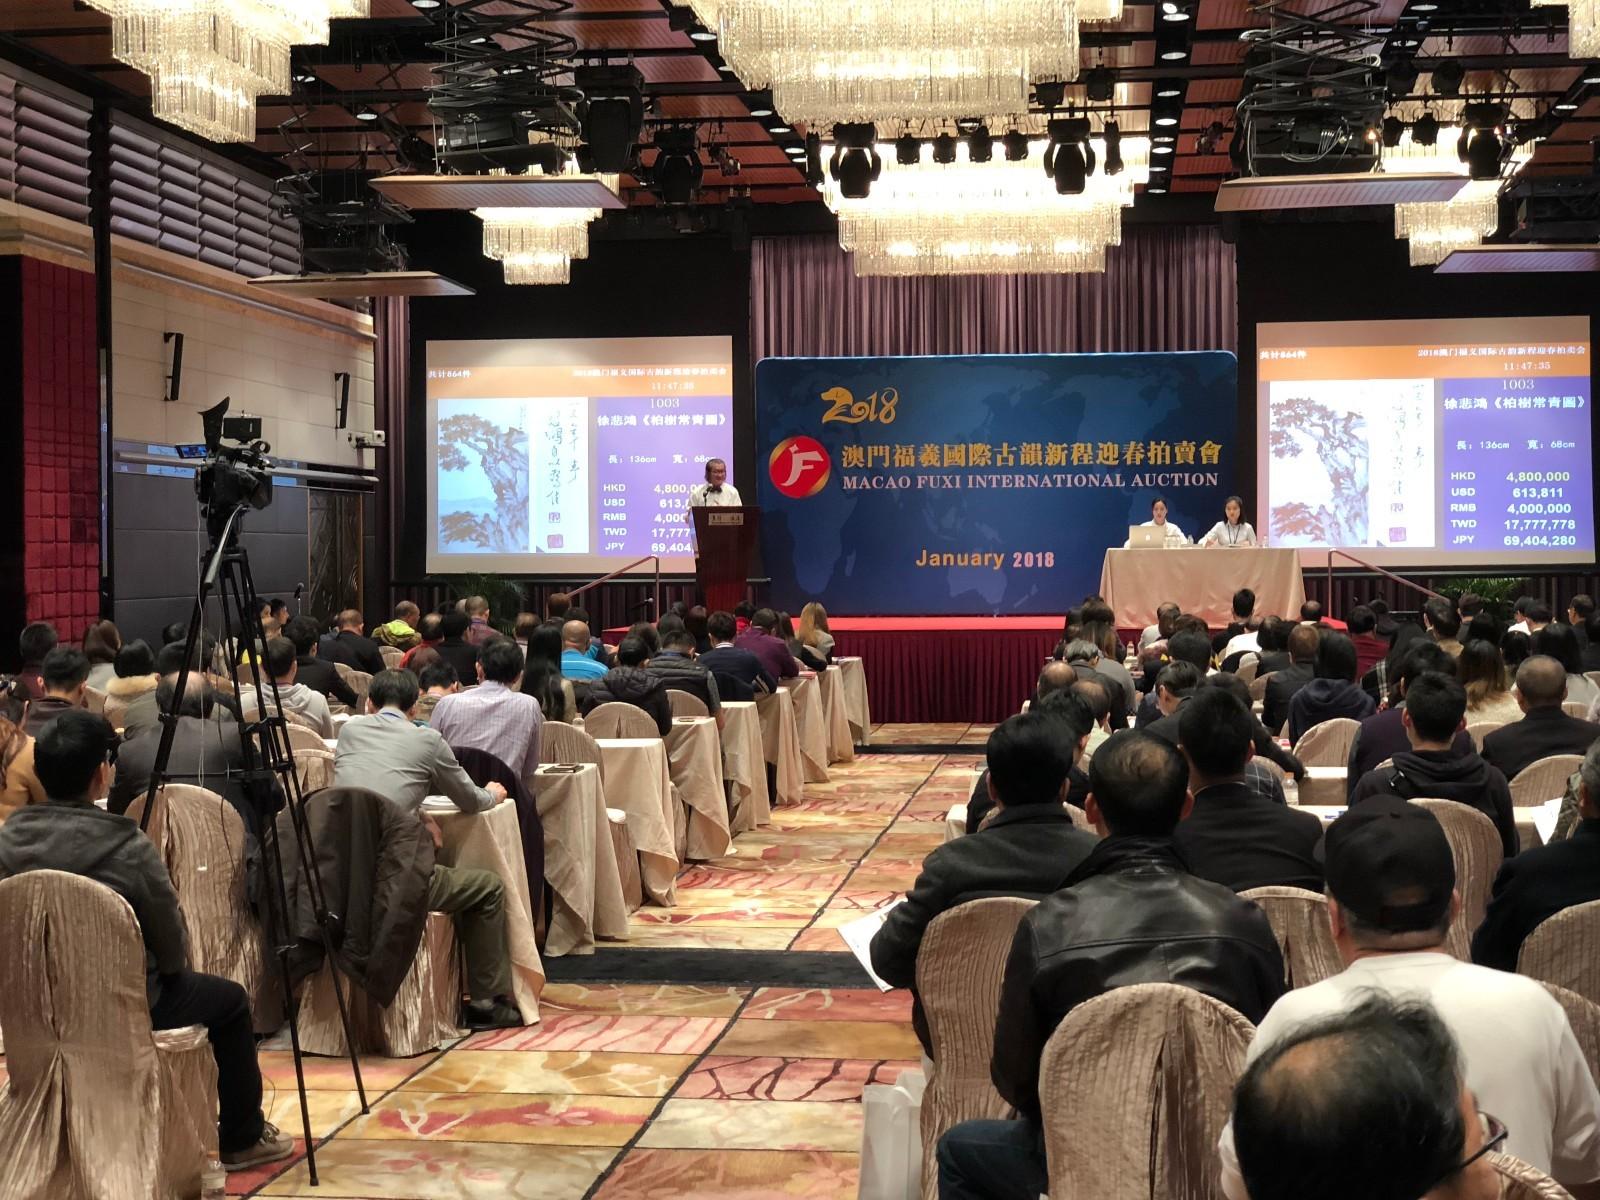 福羲国际交易中心:2018年艺术品市场将稳步放大